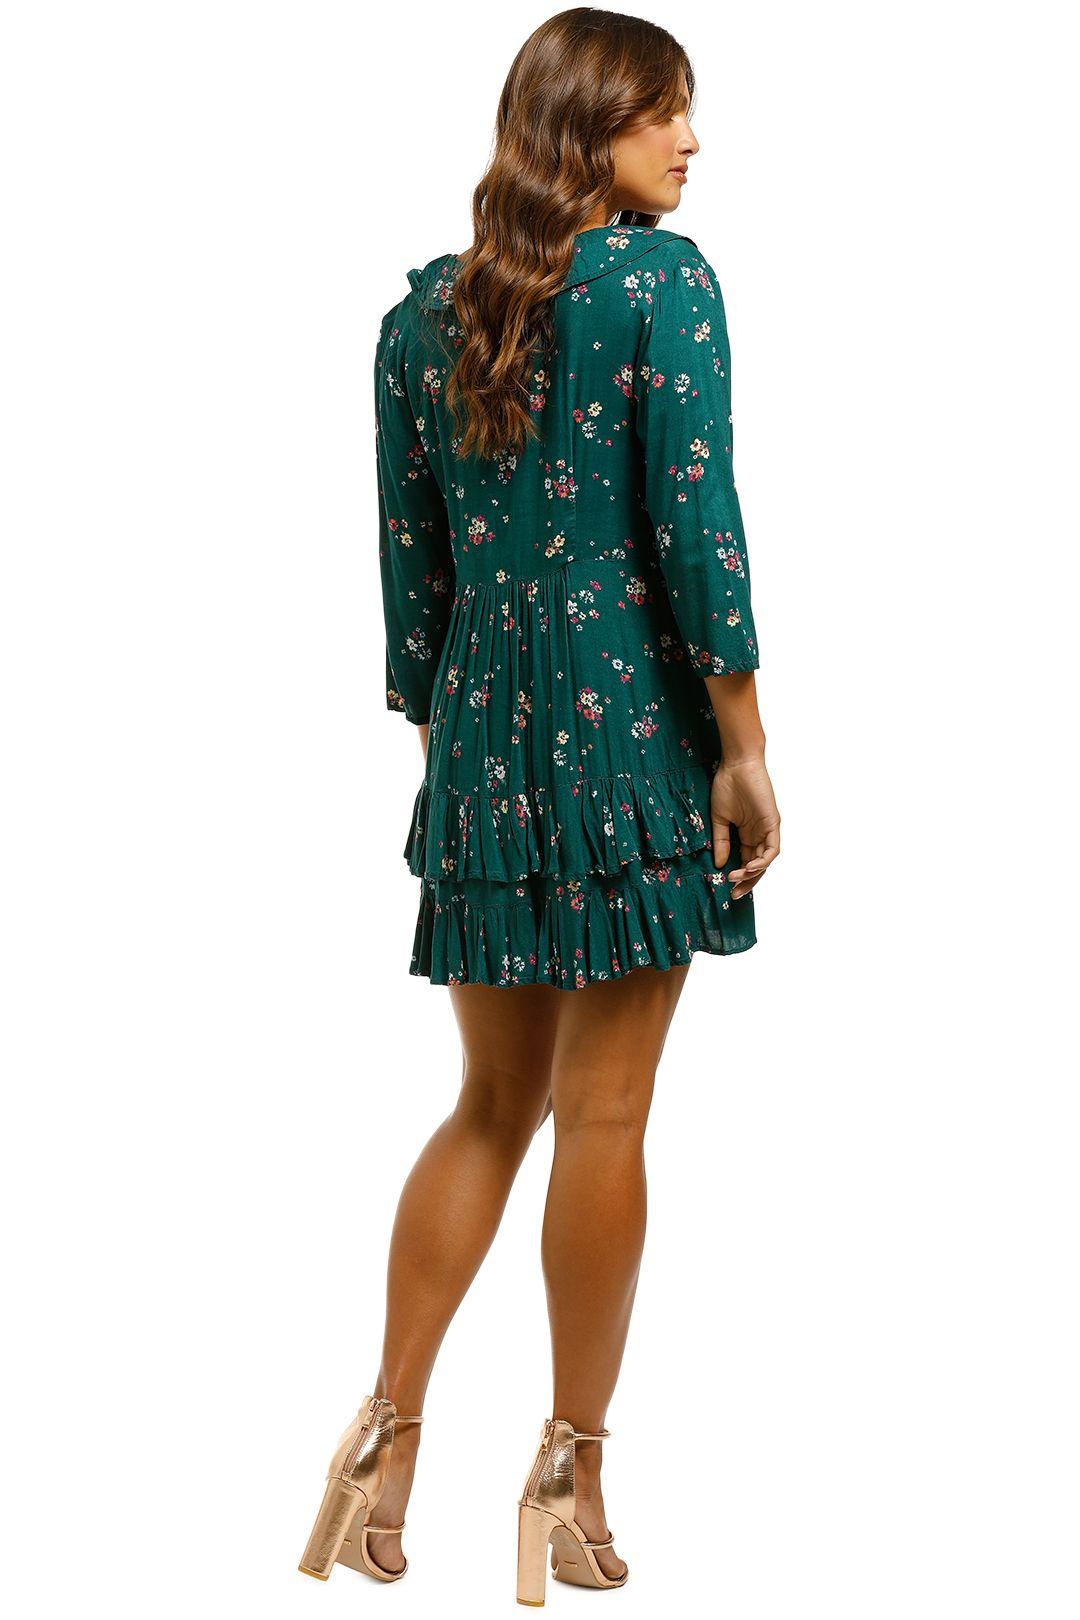 Auguste - Desert Dandelion Grace Mini Dress - Emerald - Back